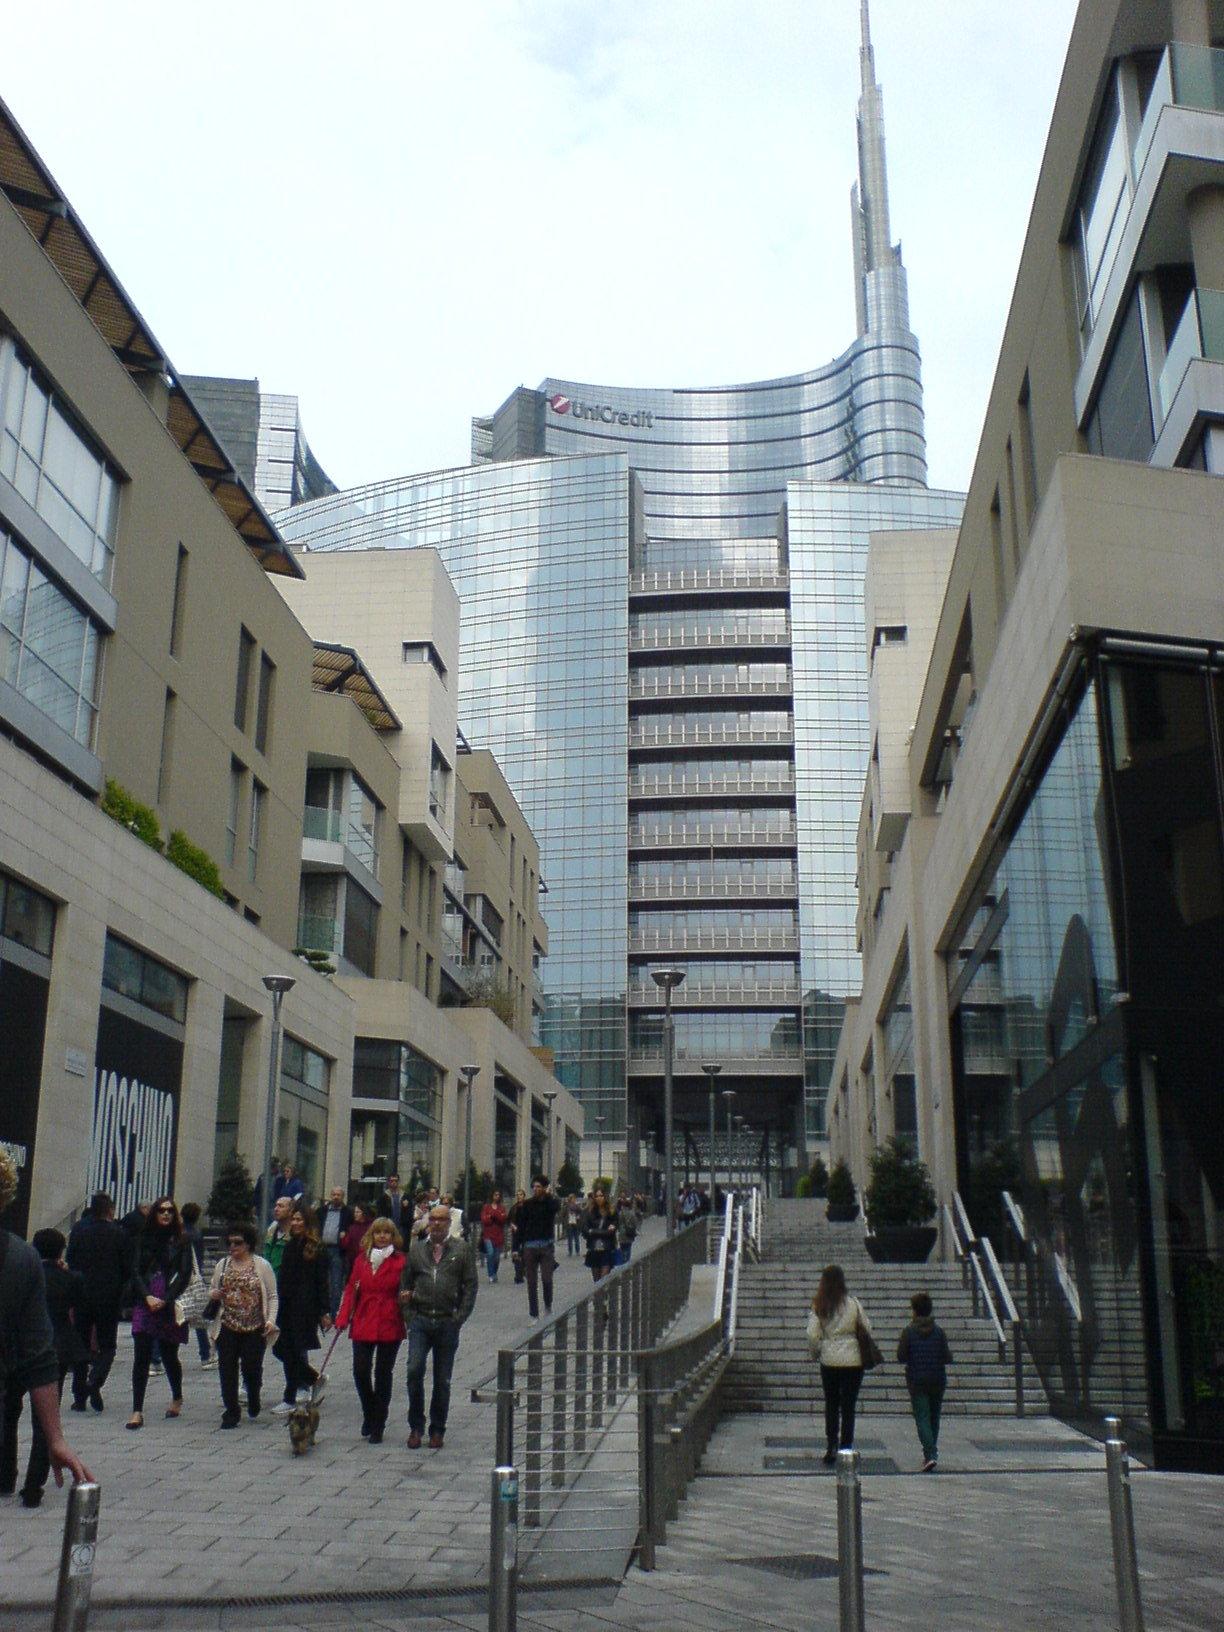 ミラノがどんどん好きになる。この10年で本当のデザイン都市になった印象。_c0061896_6304036.jpg